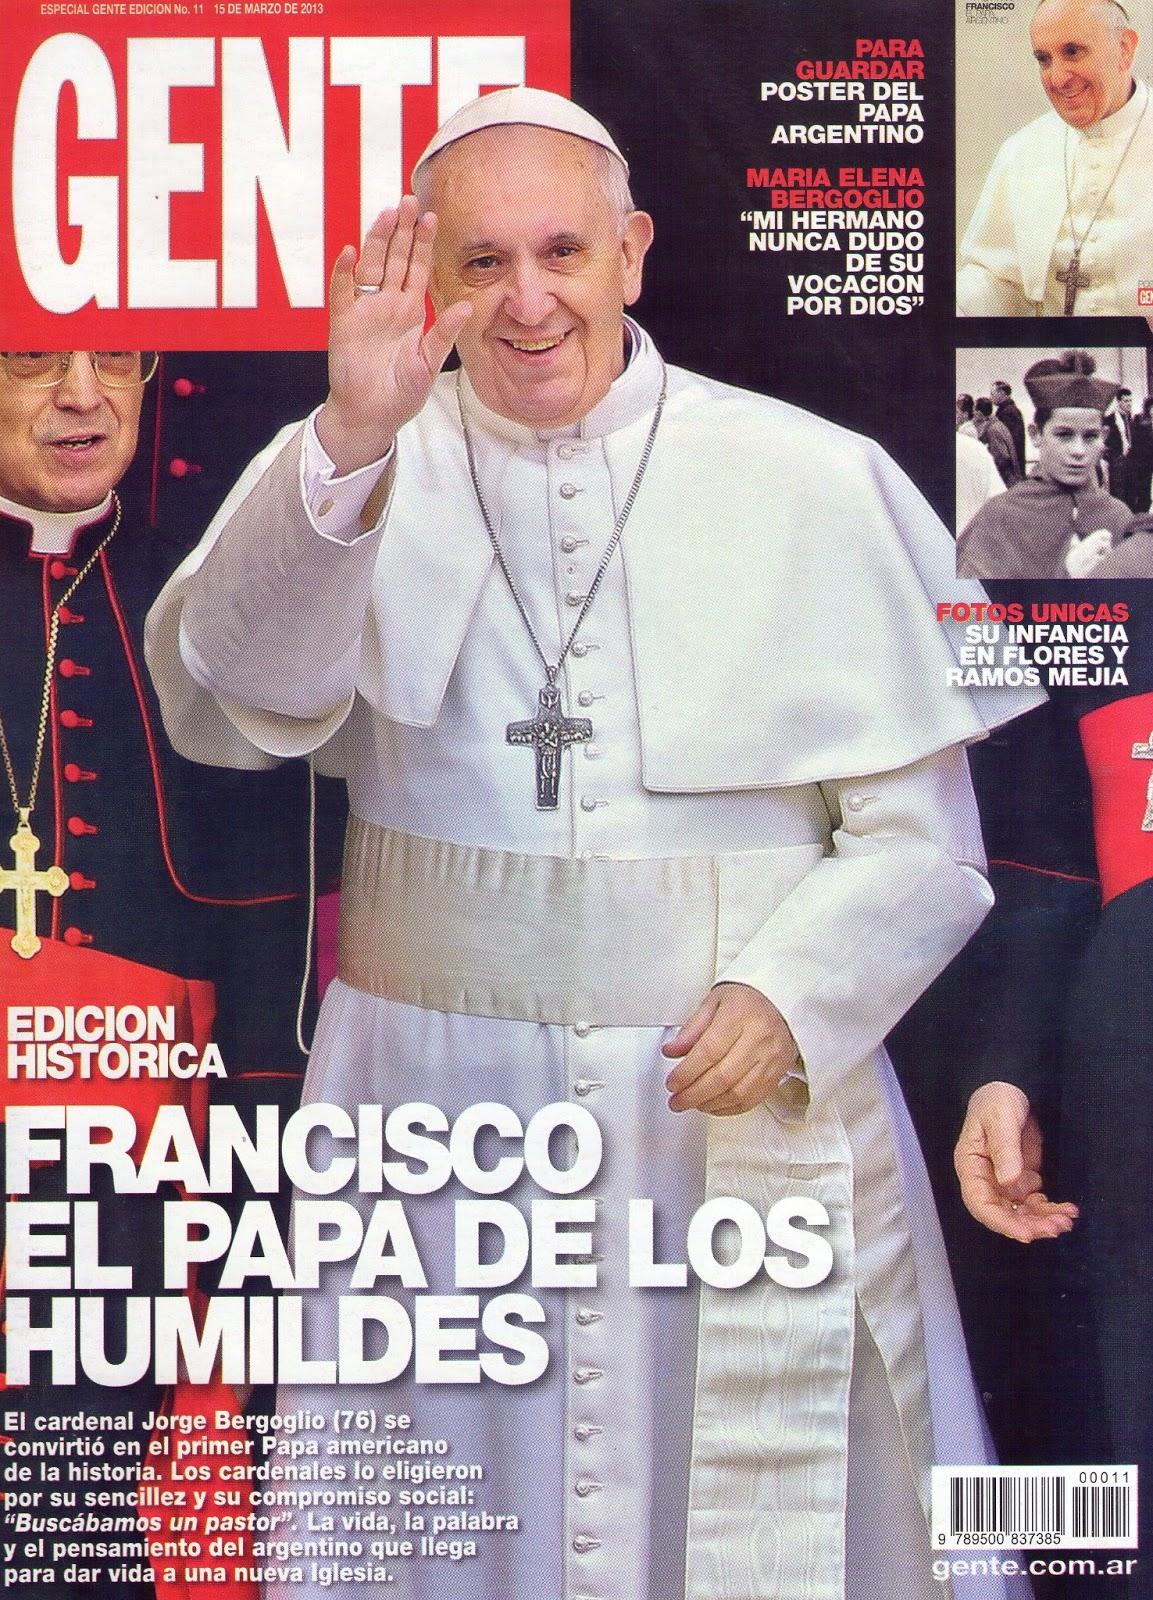 pasando revista los semanarios argentinos dedican sus